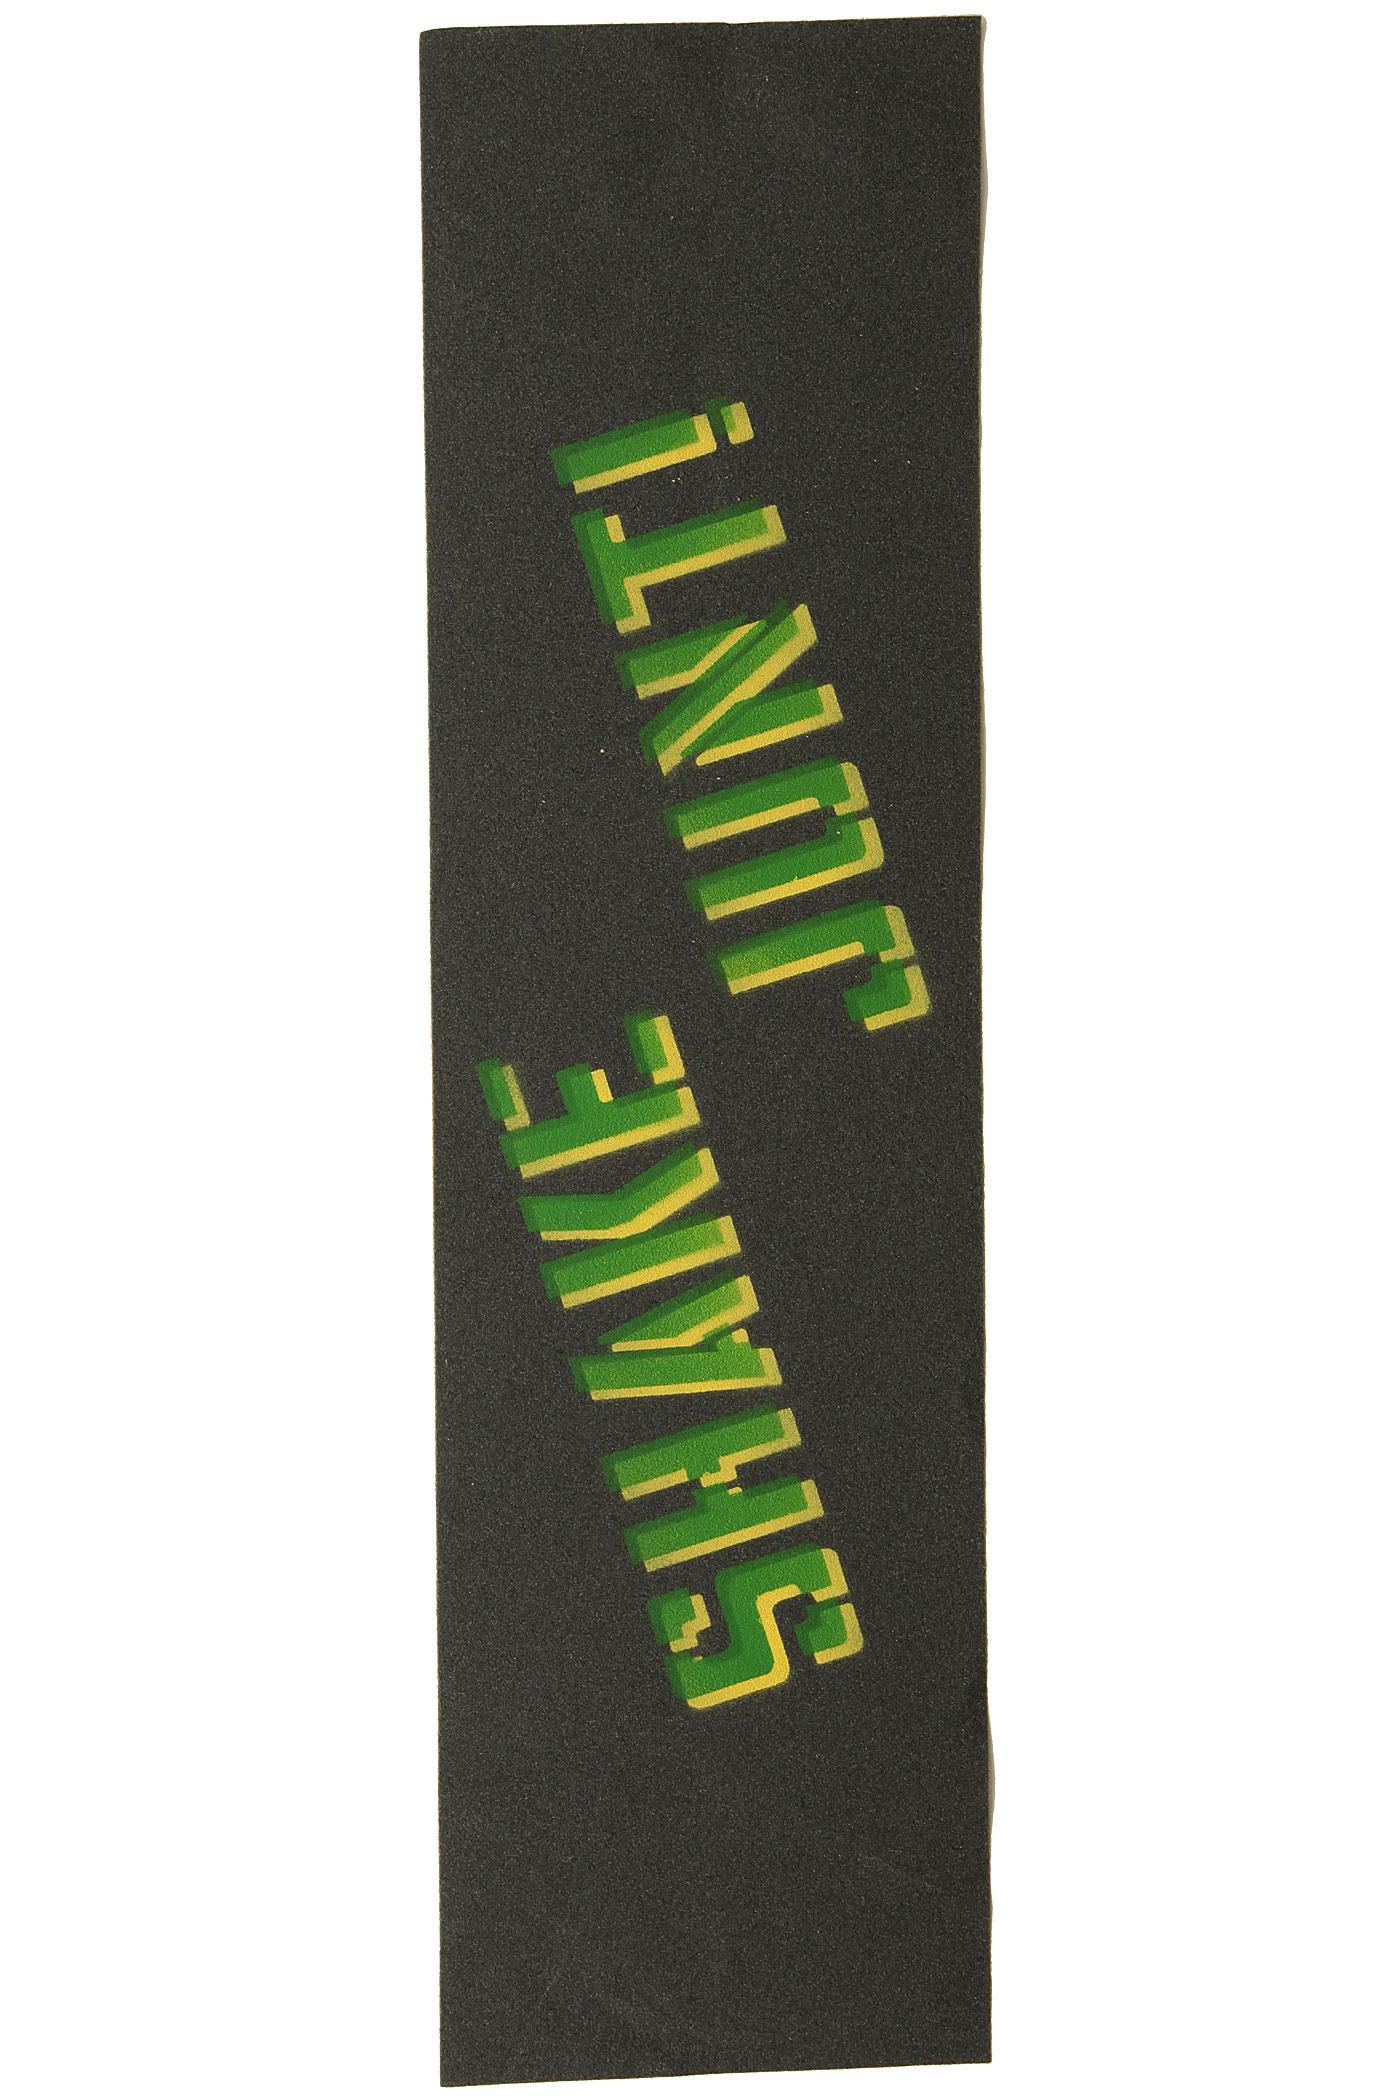 Shake Junt Stencil Logo Griptape (black) buy at skatedeluxe  Shake Junt Sten...